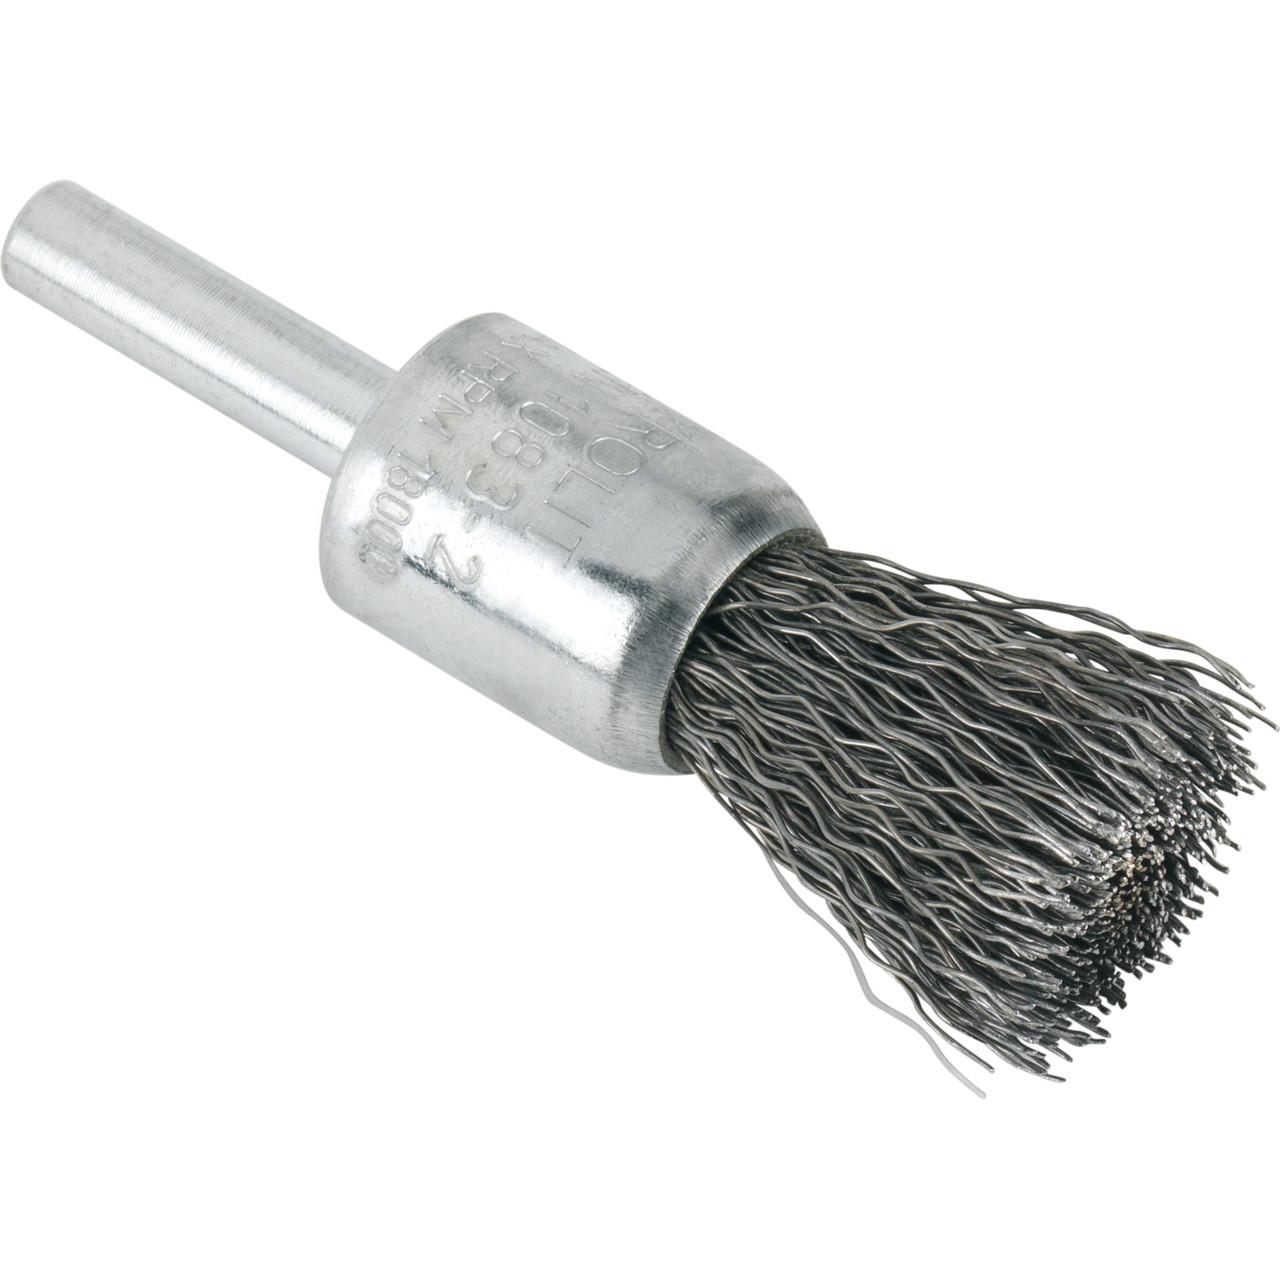 Immagine di Spazzole a pennello PREMIUM*** per acciaio